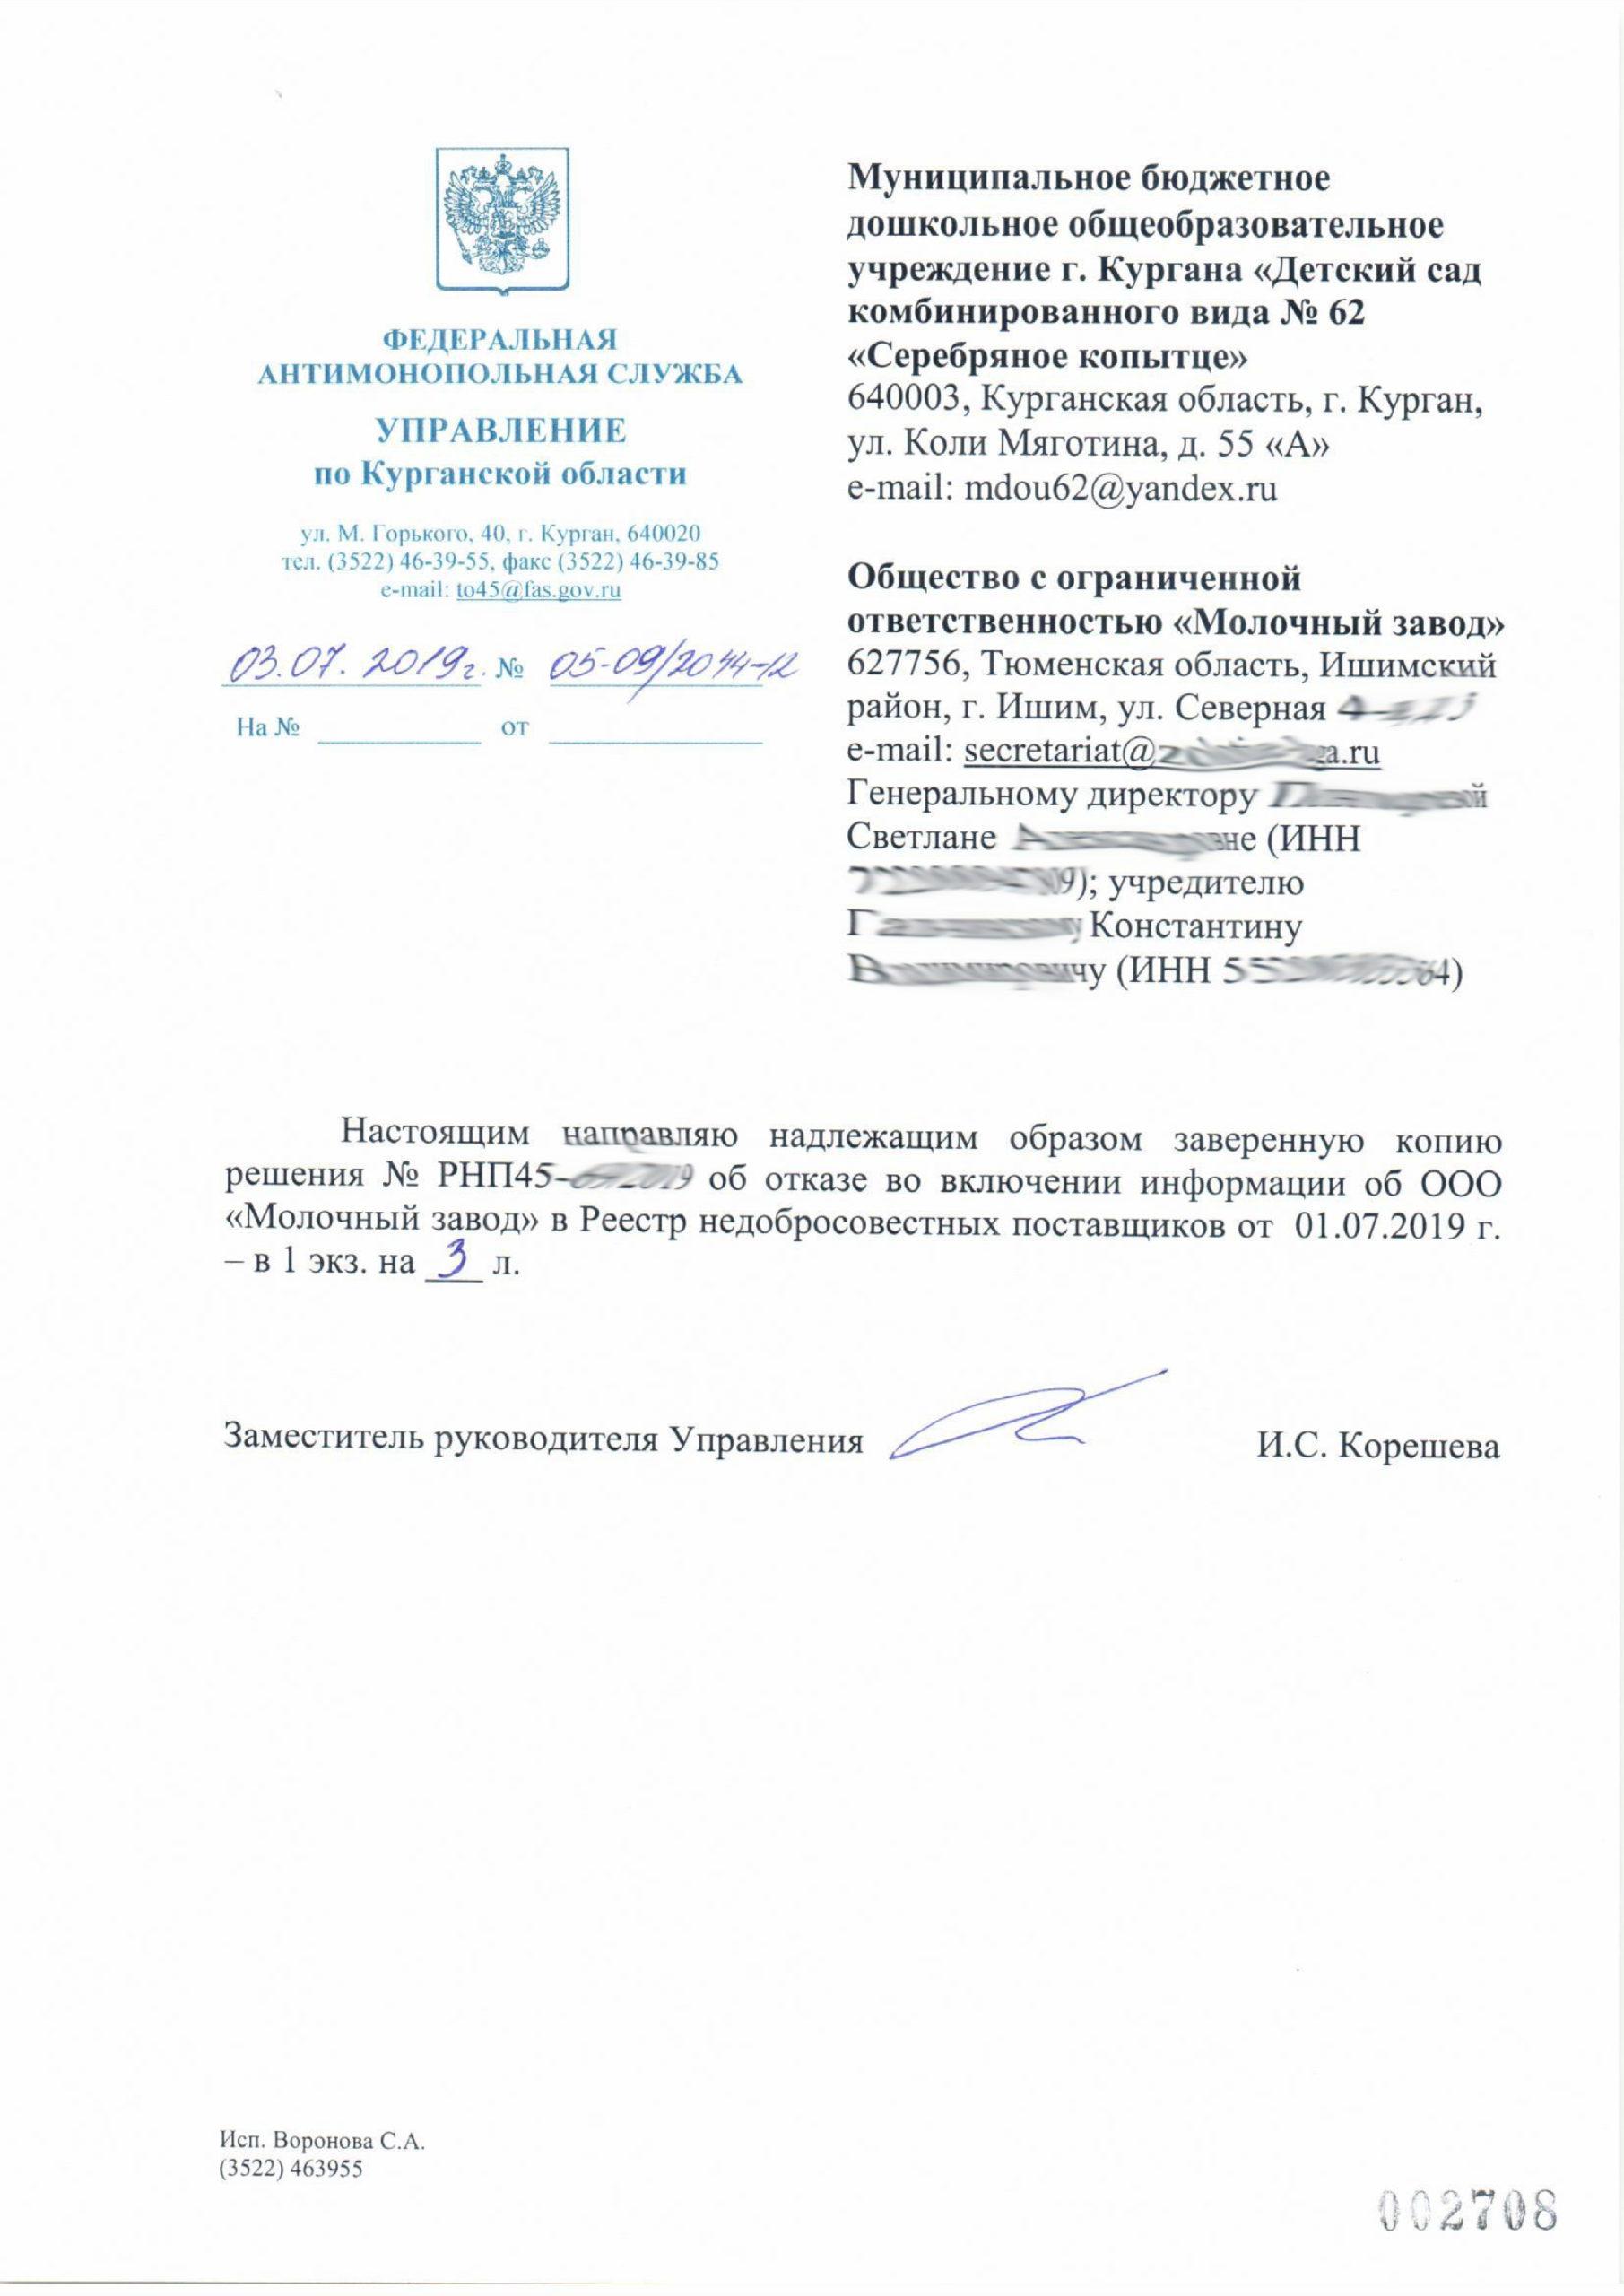 Курганский УФАС Молочный завод решение не включать и вернуть контракт 2 — копия-1